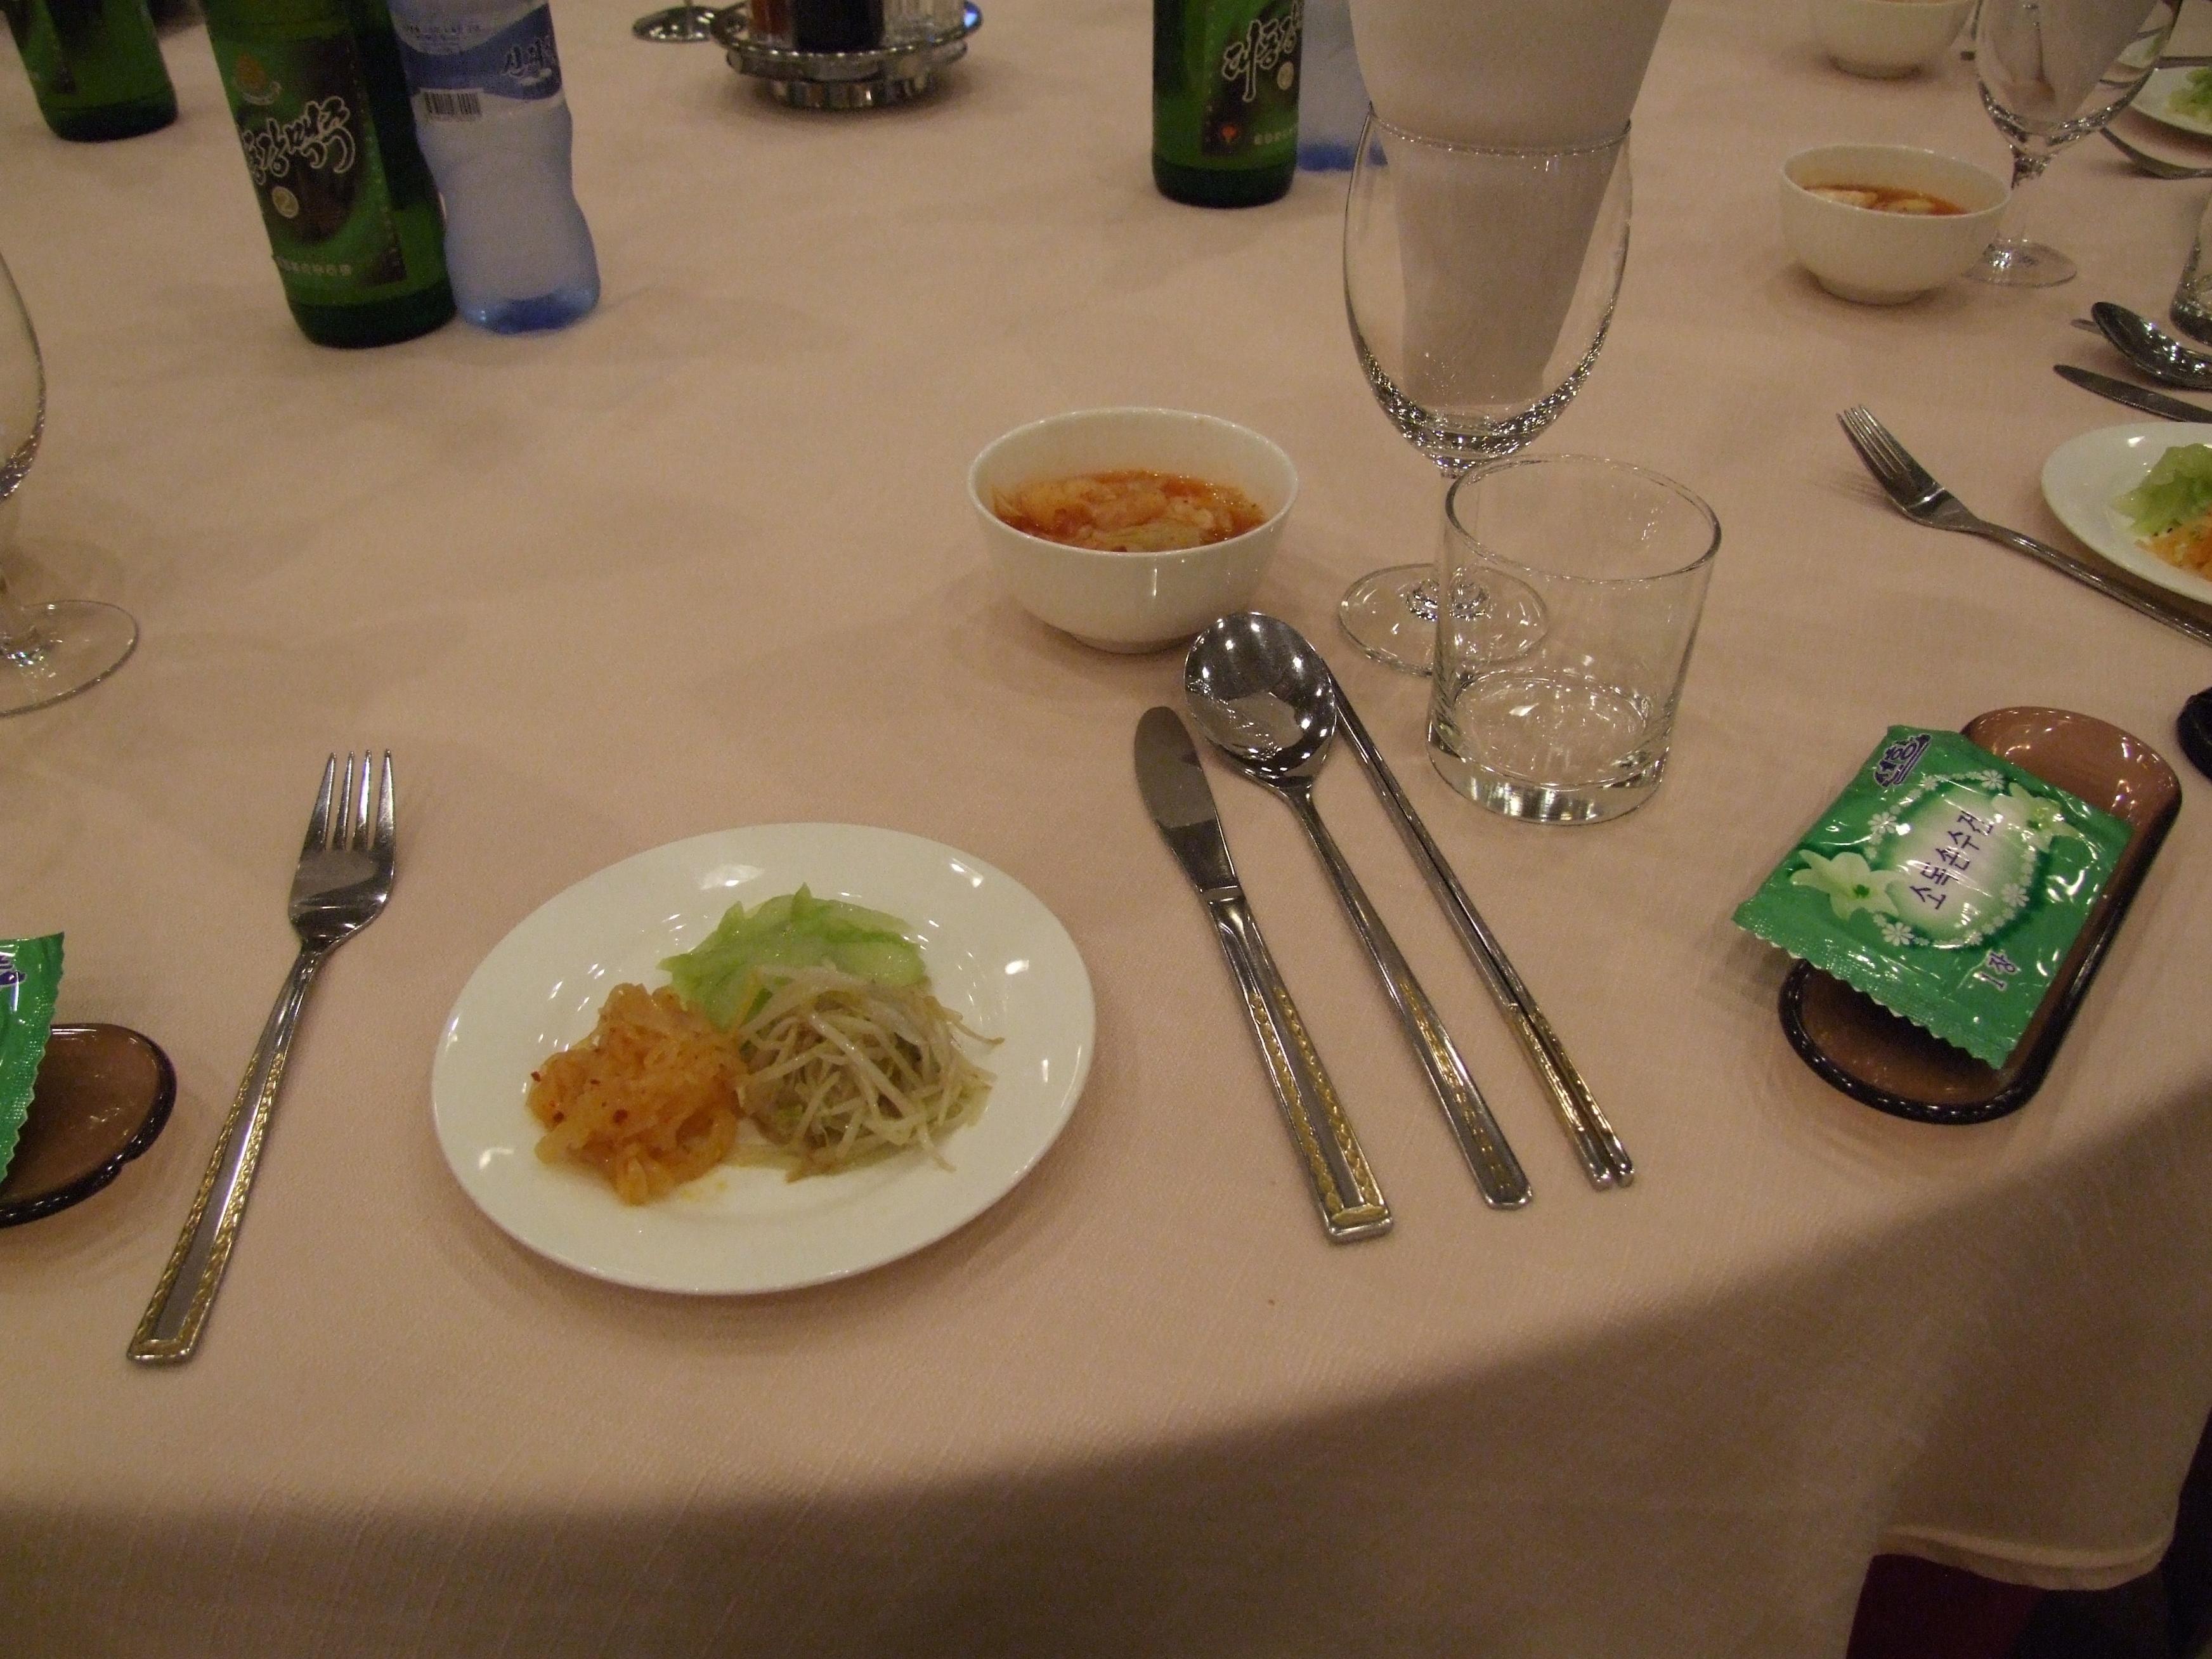 Hotel Essen Im Restaurant Im Freien Caorle